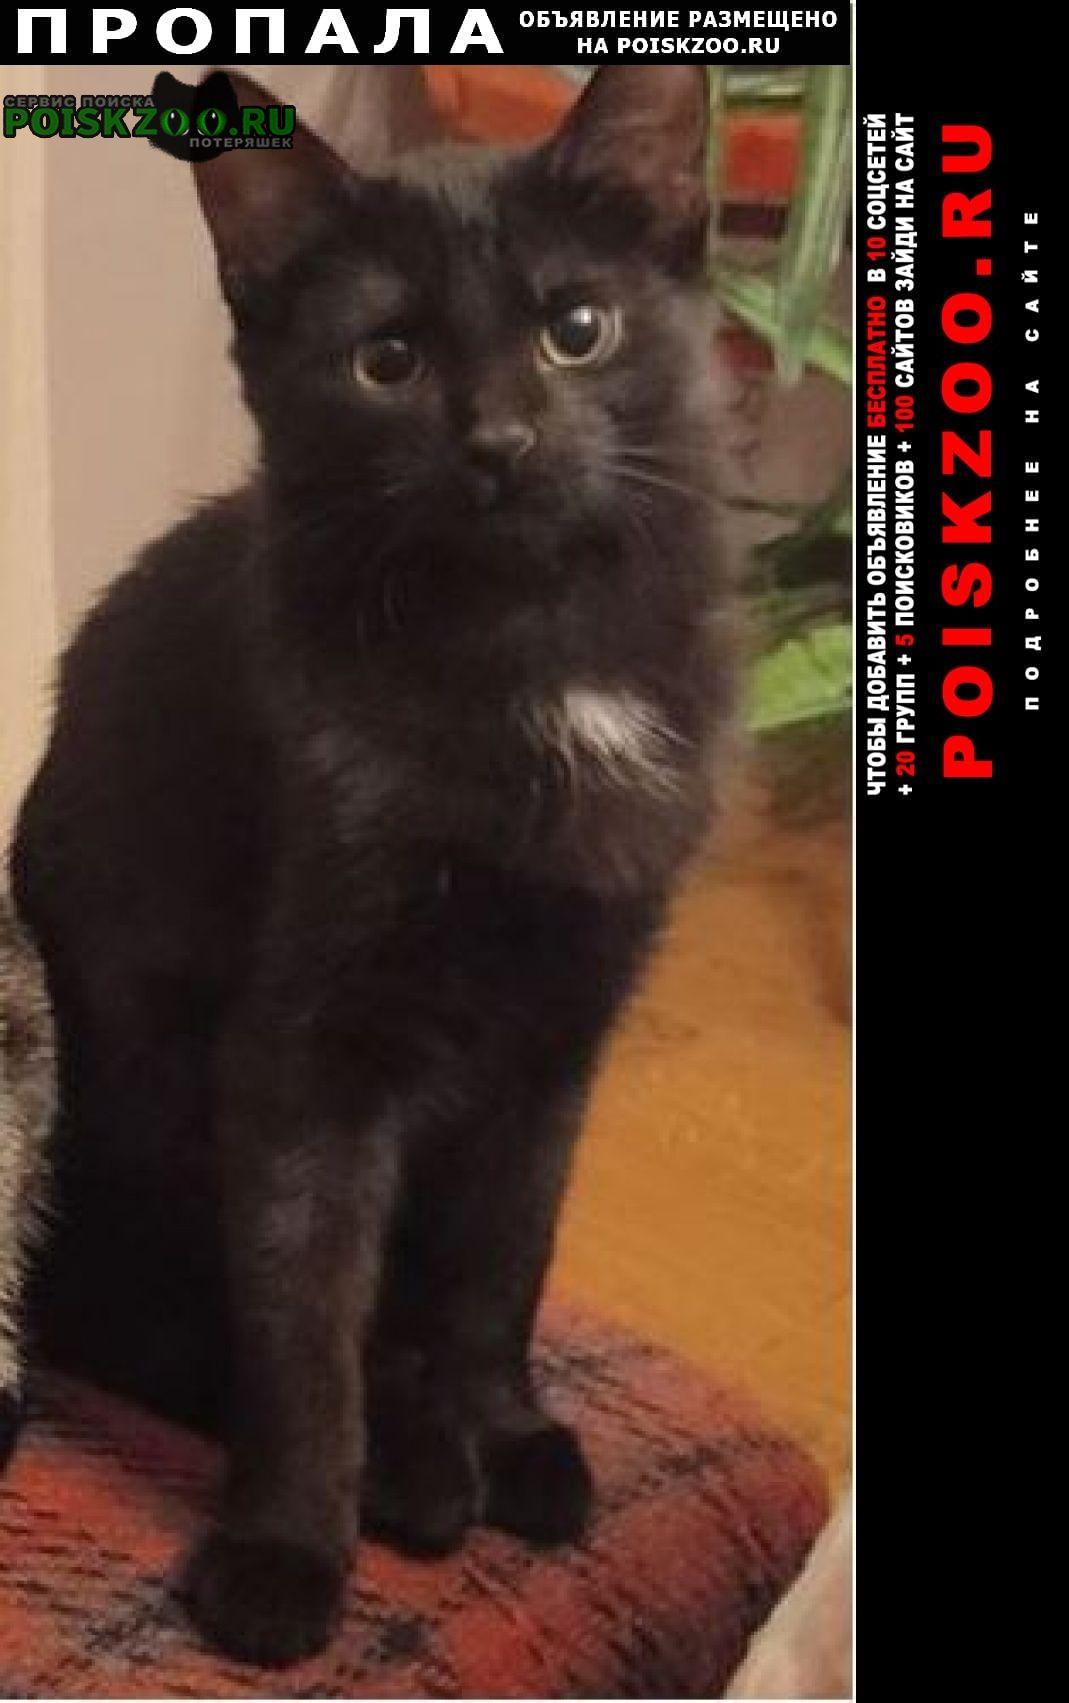 Пропала кошка 30 мая Красногорск